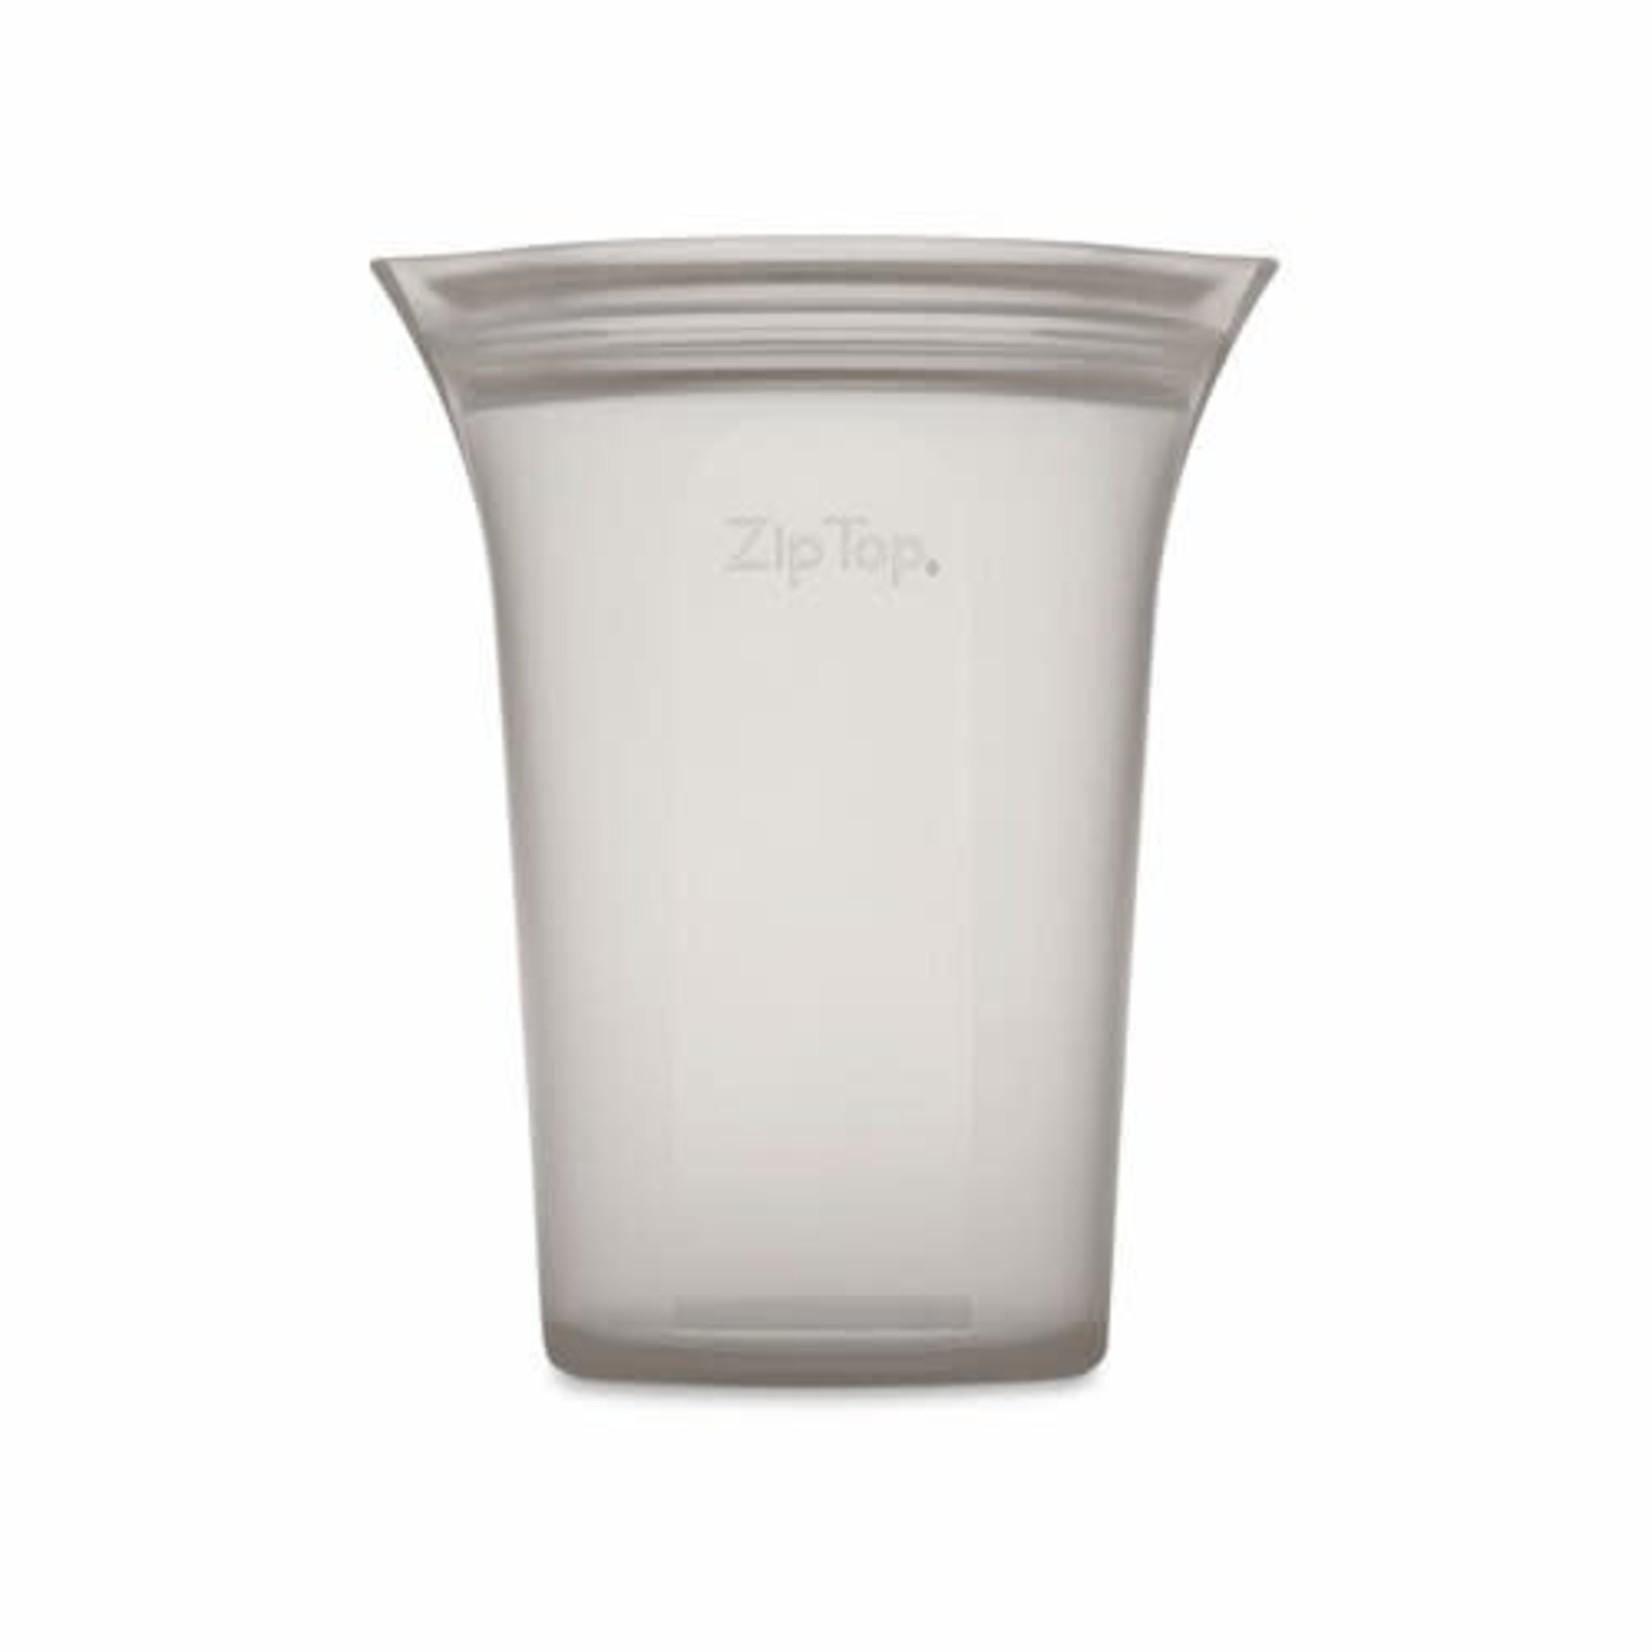 Zip Top Zip Top Large Cup